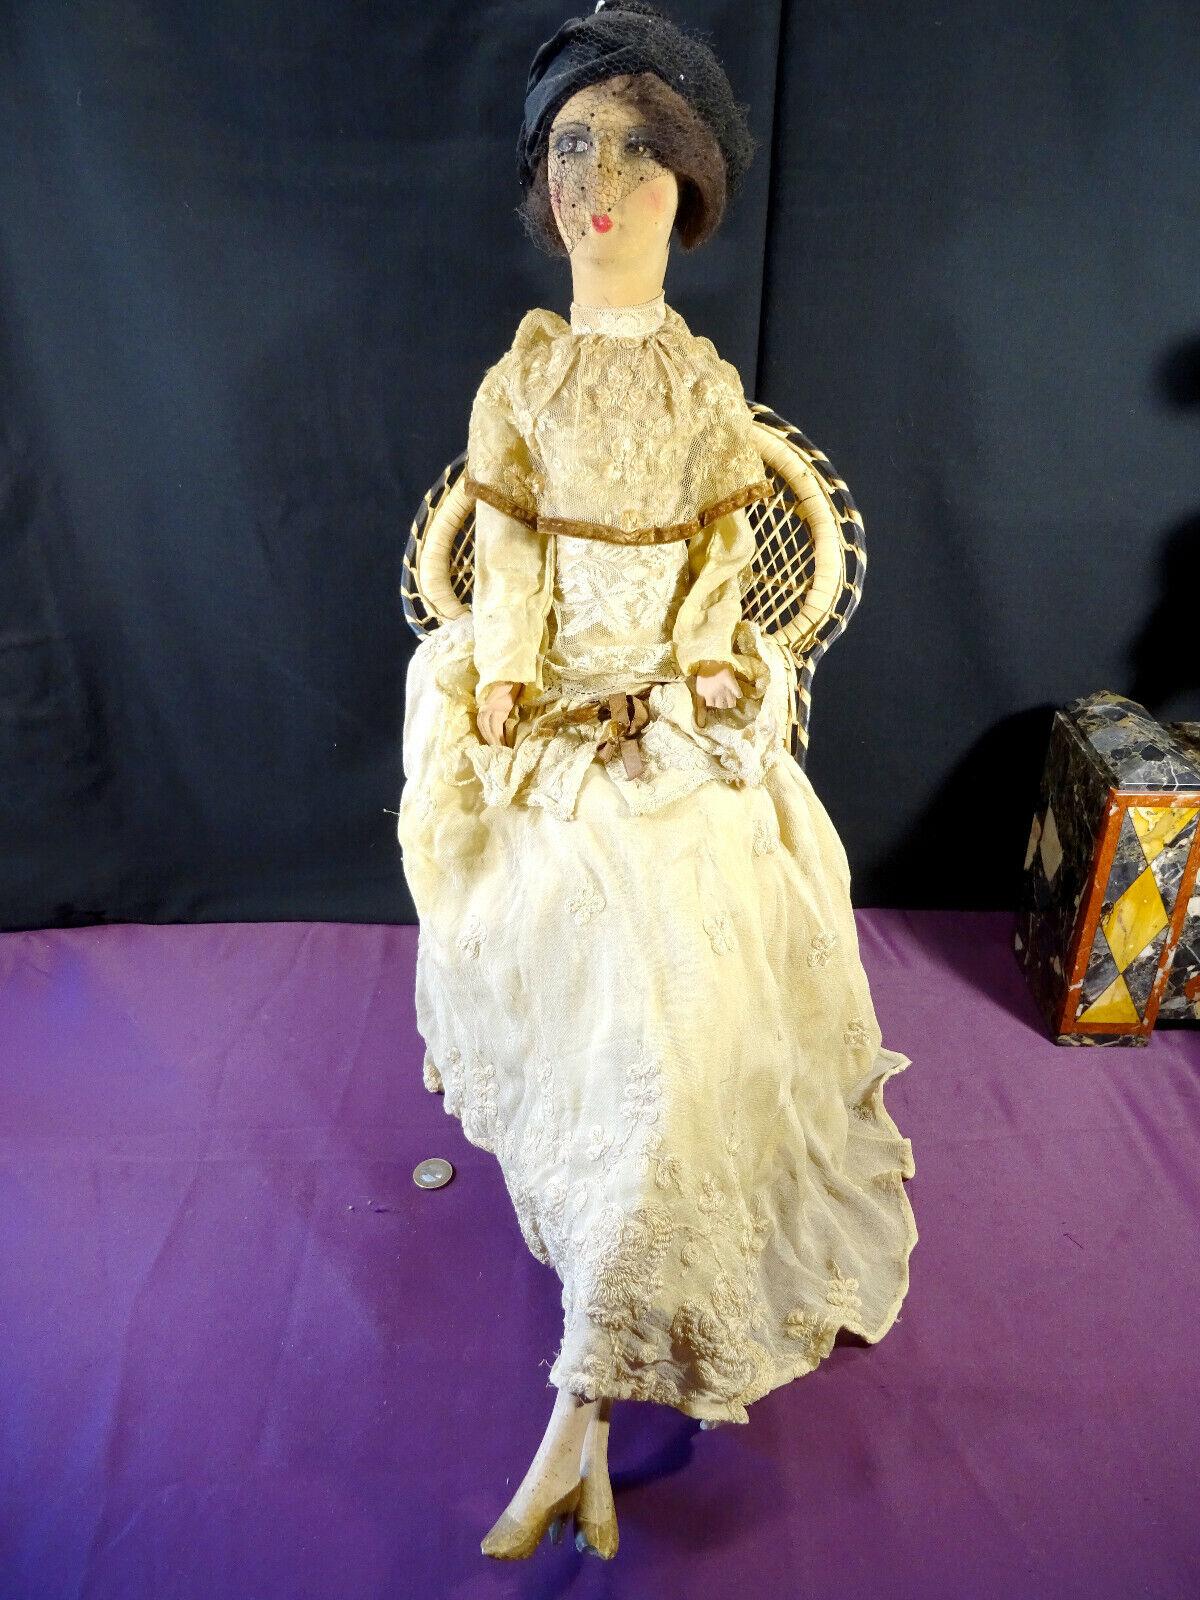 Ancienne grande poupée de salon, boudoir gerb's 79 cm